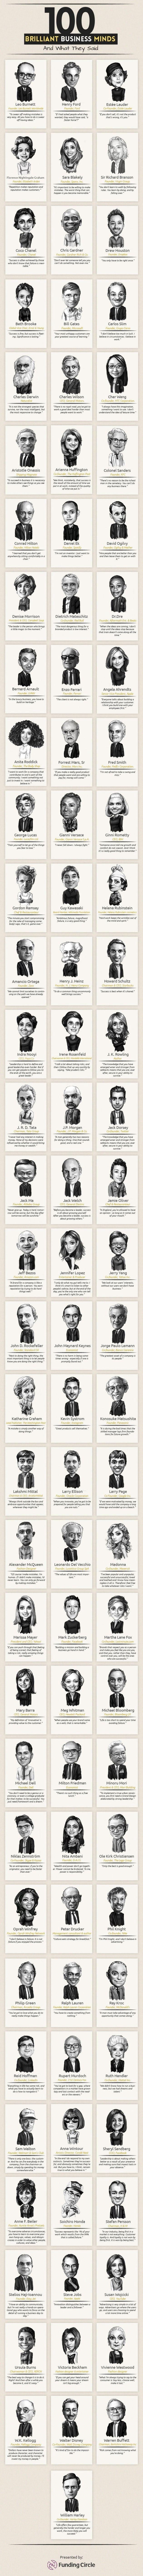 100 frases dictadas por 100 de las personas más brillantes en el mundo de los negocios